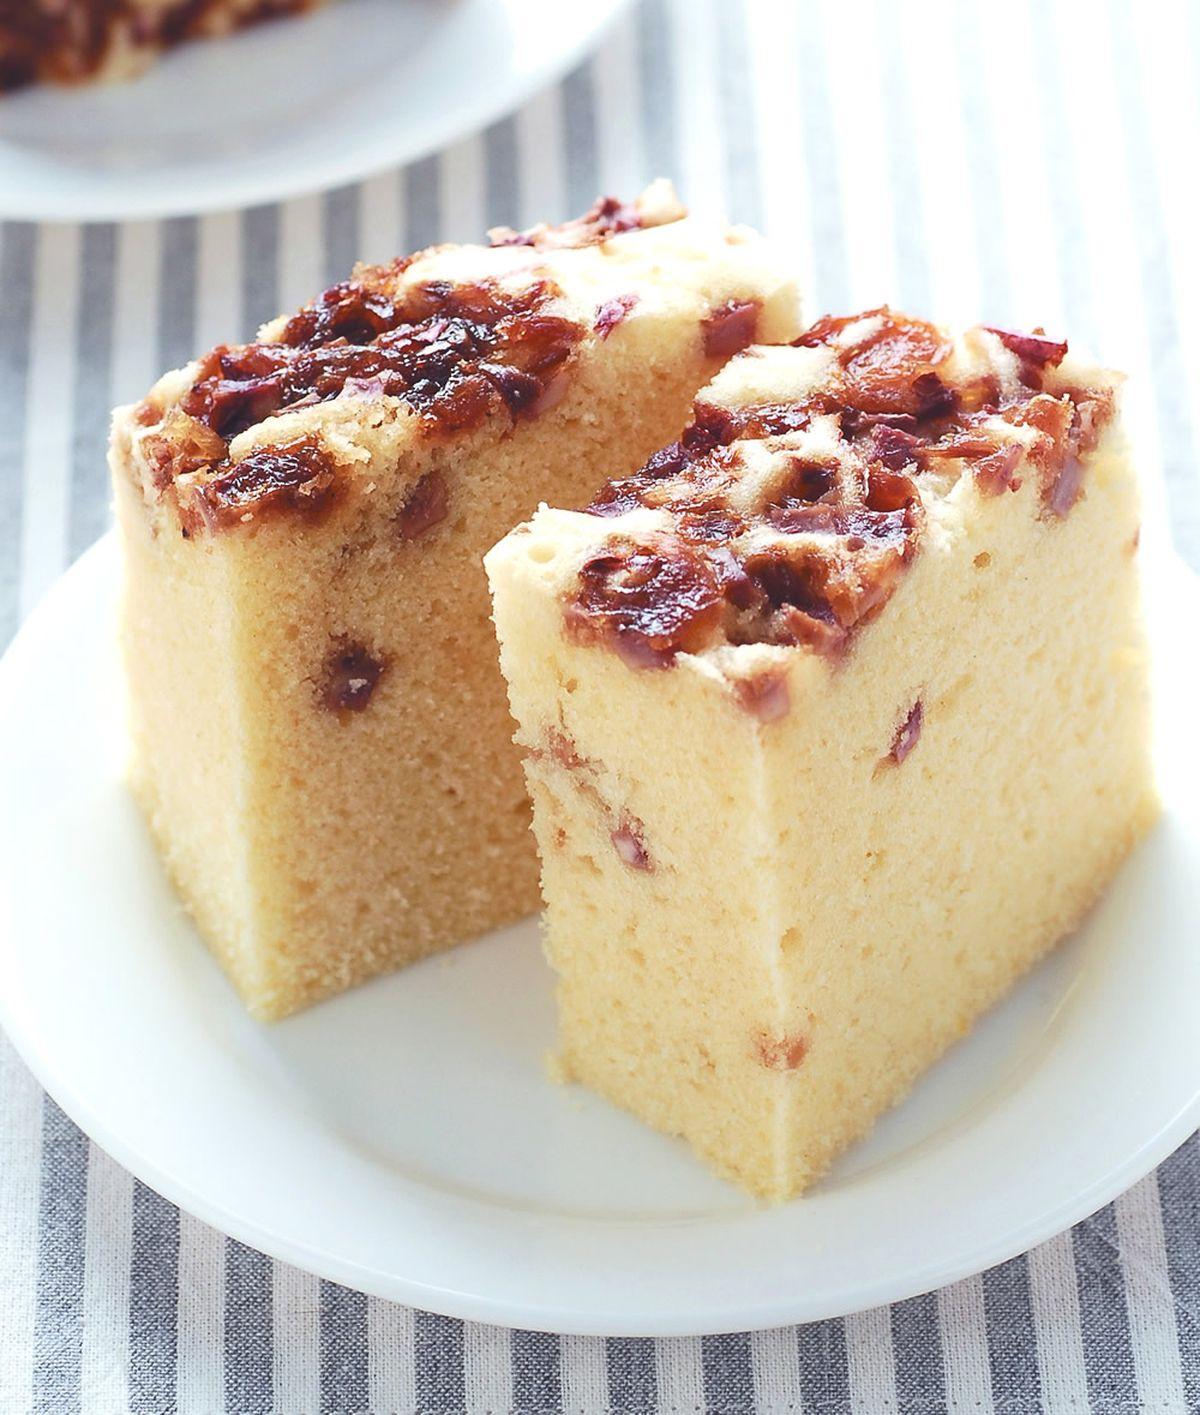 食譜:芋頭油蔥鹹蛋糕